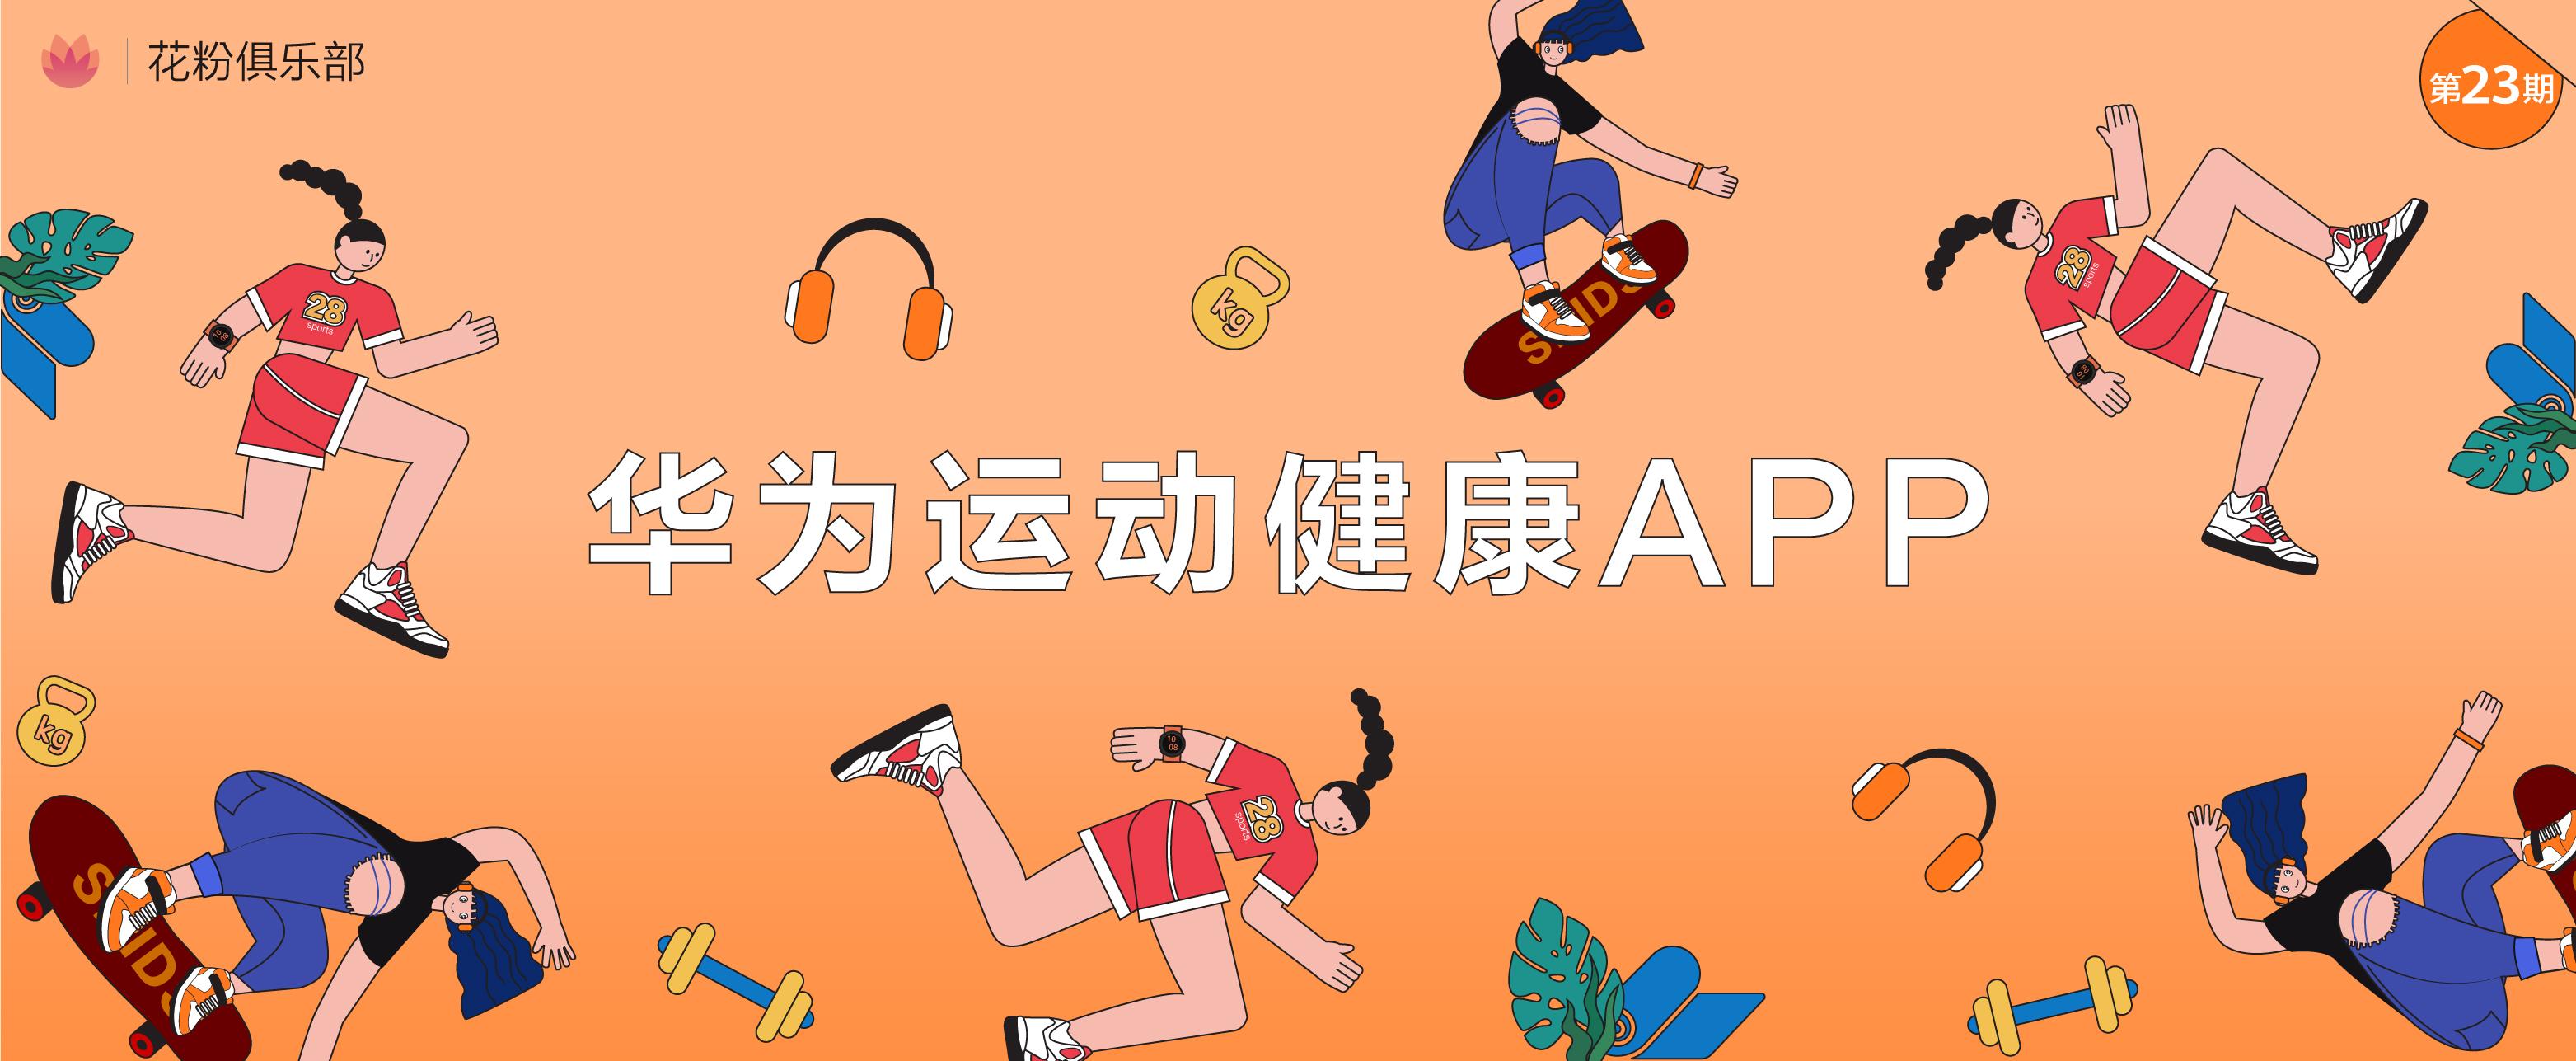 华为运动健康App-第23期-0512-04.jpg